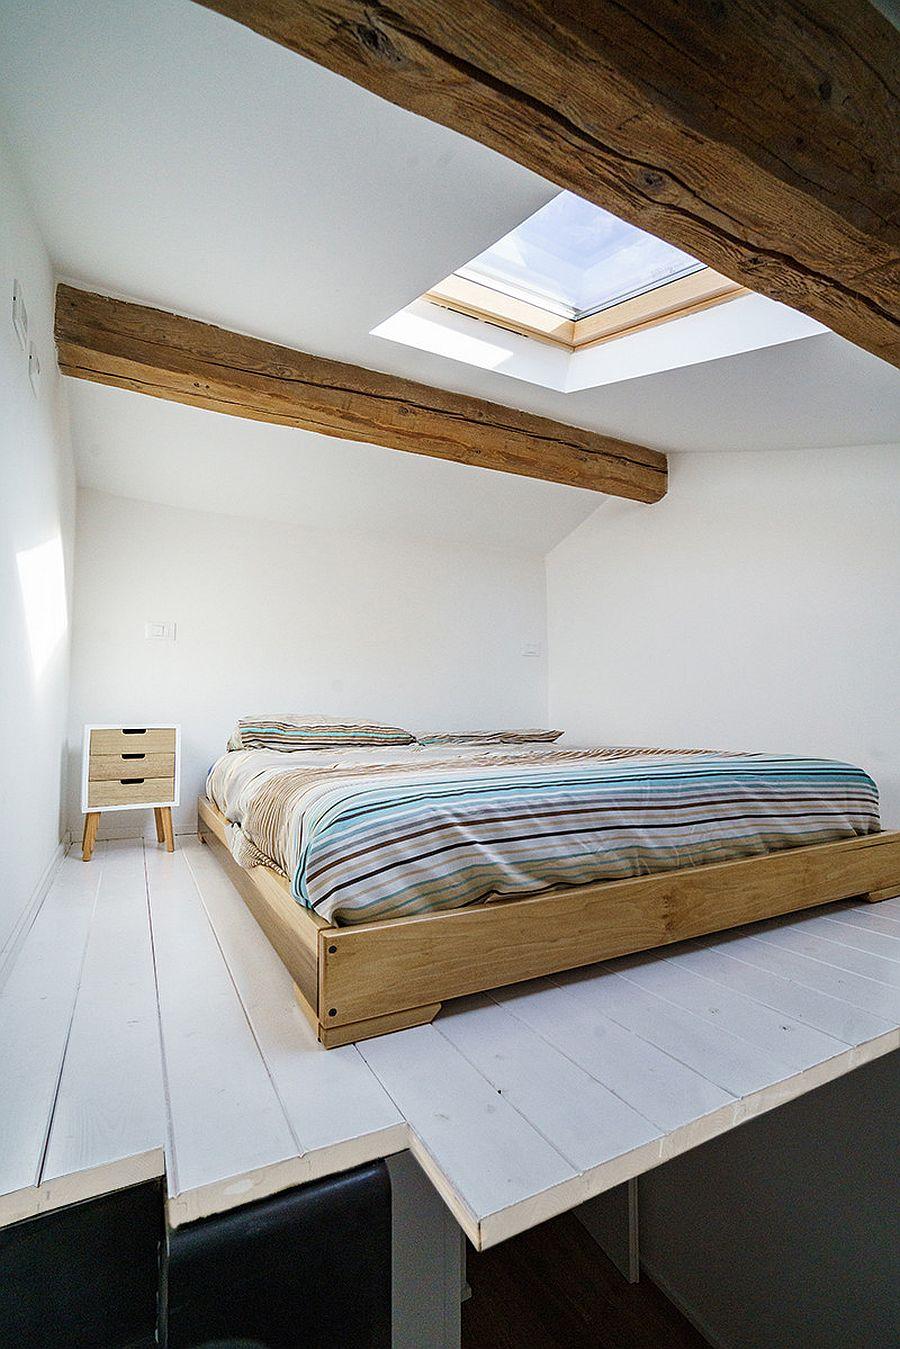 Giếng trời mang ánh sáng tự nhiên vào phòng ngủ công nghiệp ở tầng áp mái nhỏ màu trắng